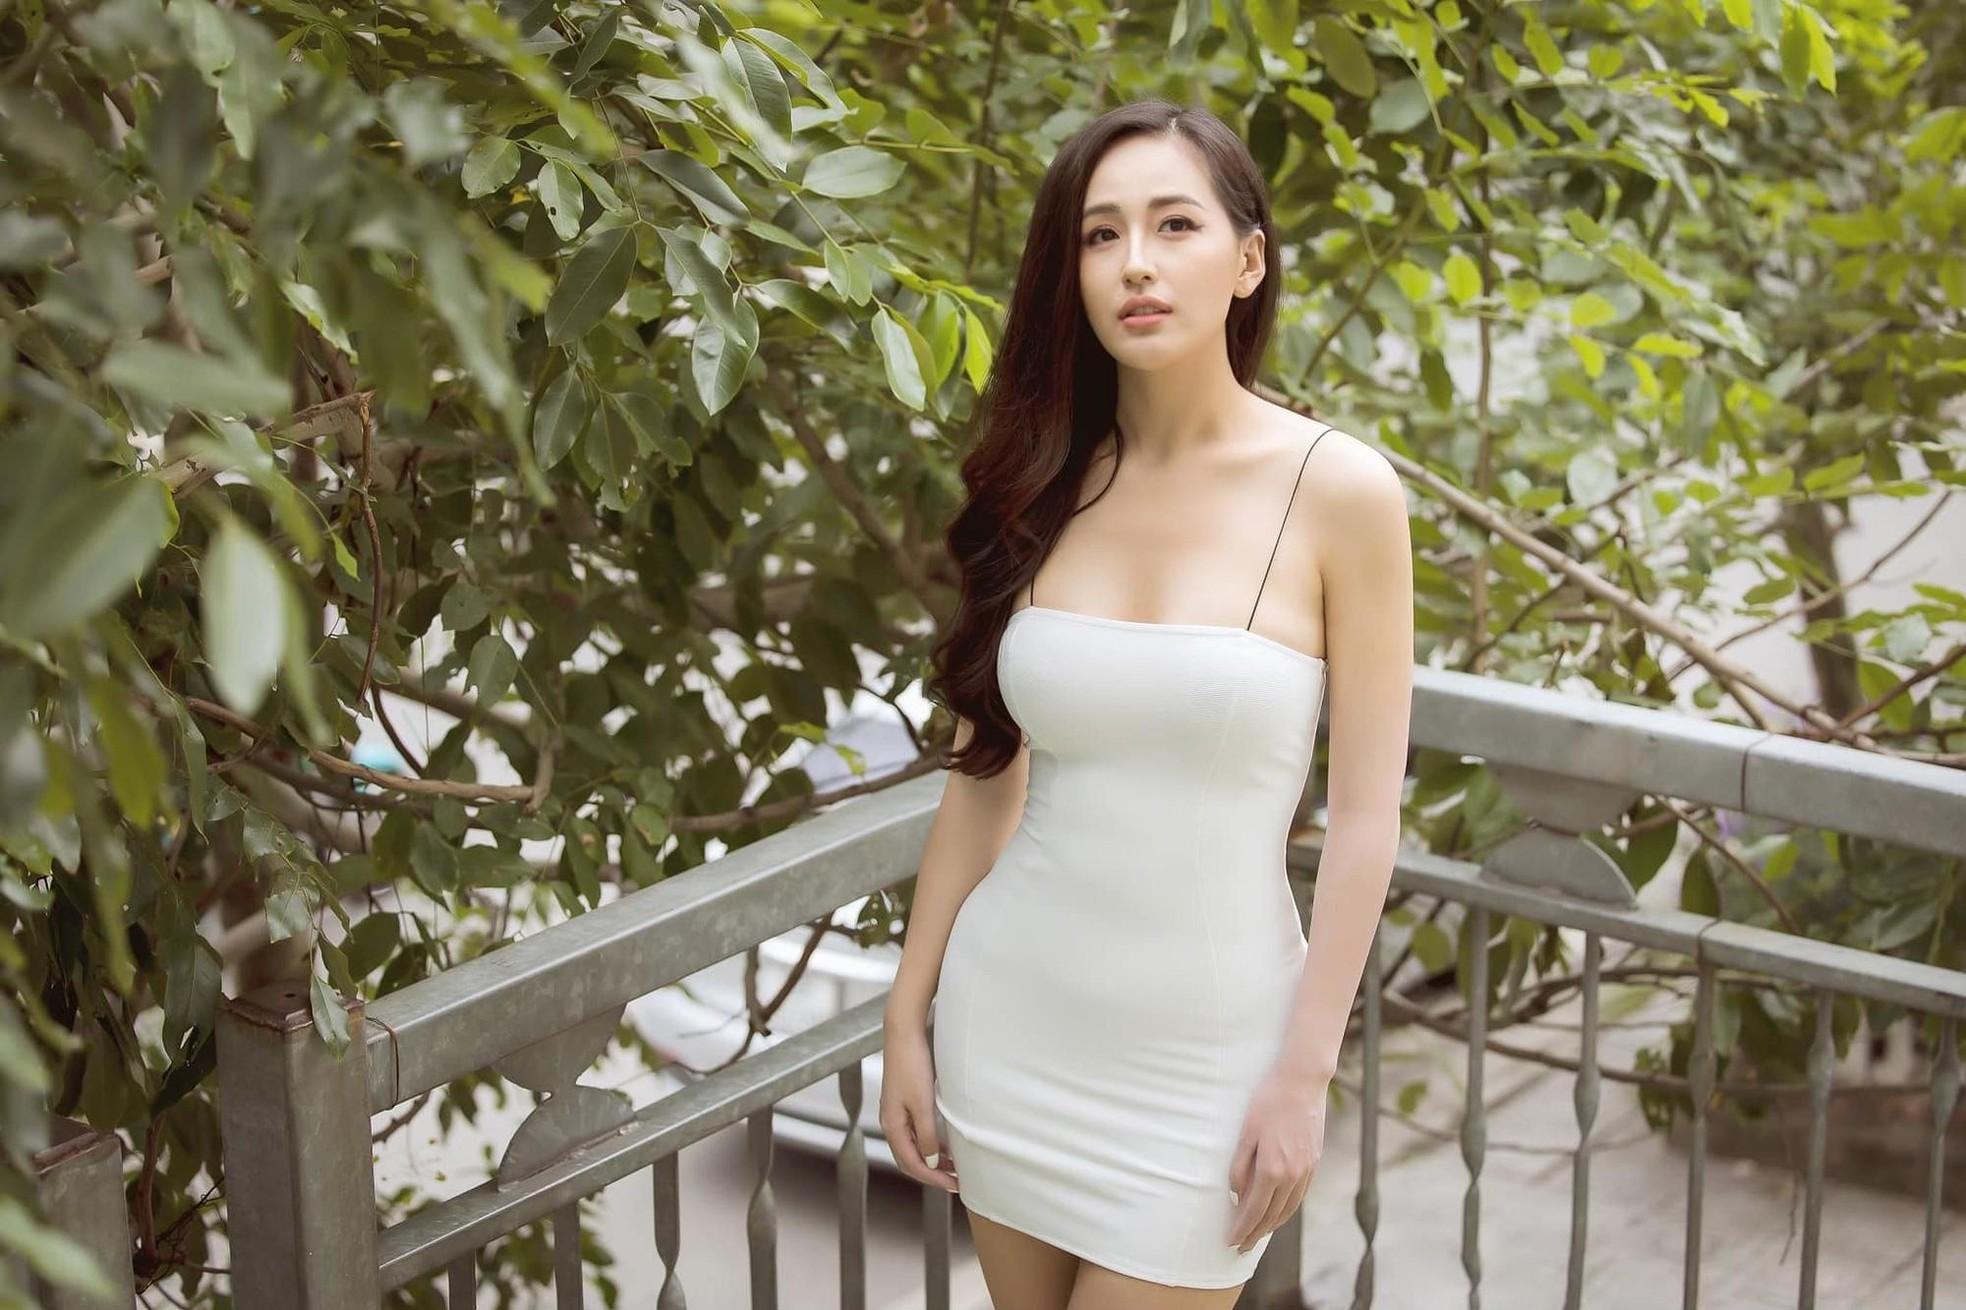 Vóc dáng 'đồng hồ cát' nóng 'bỏng mắt' của Hoa hậu Mai Phương Thúy ở tuổi 33 ảnh 8